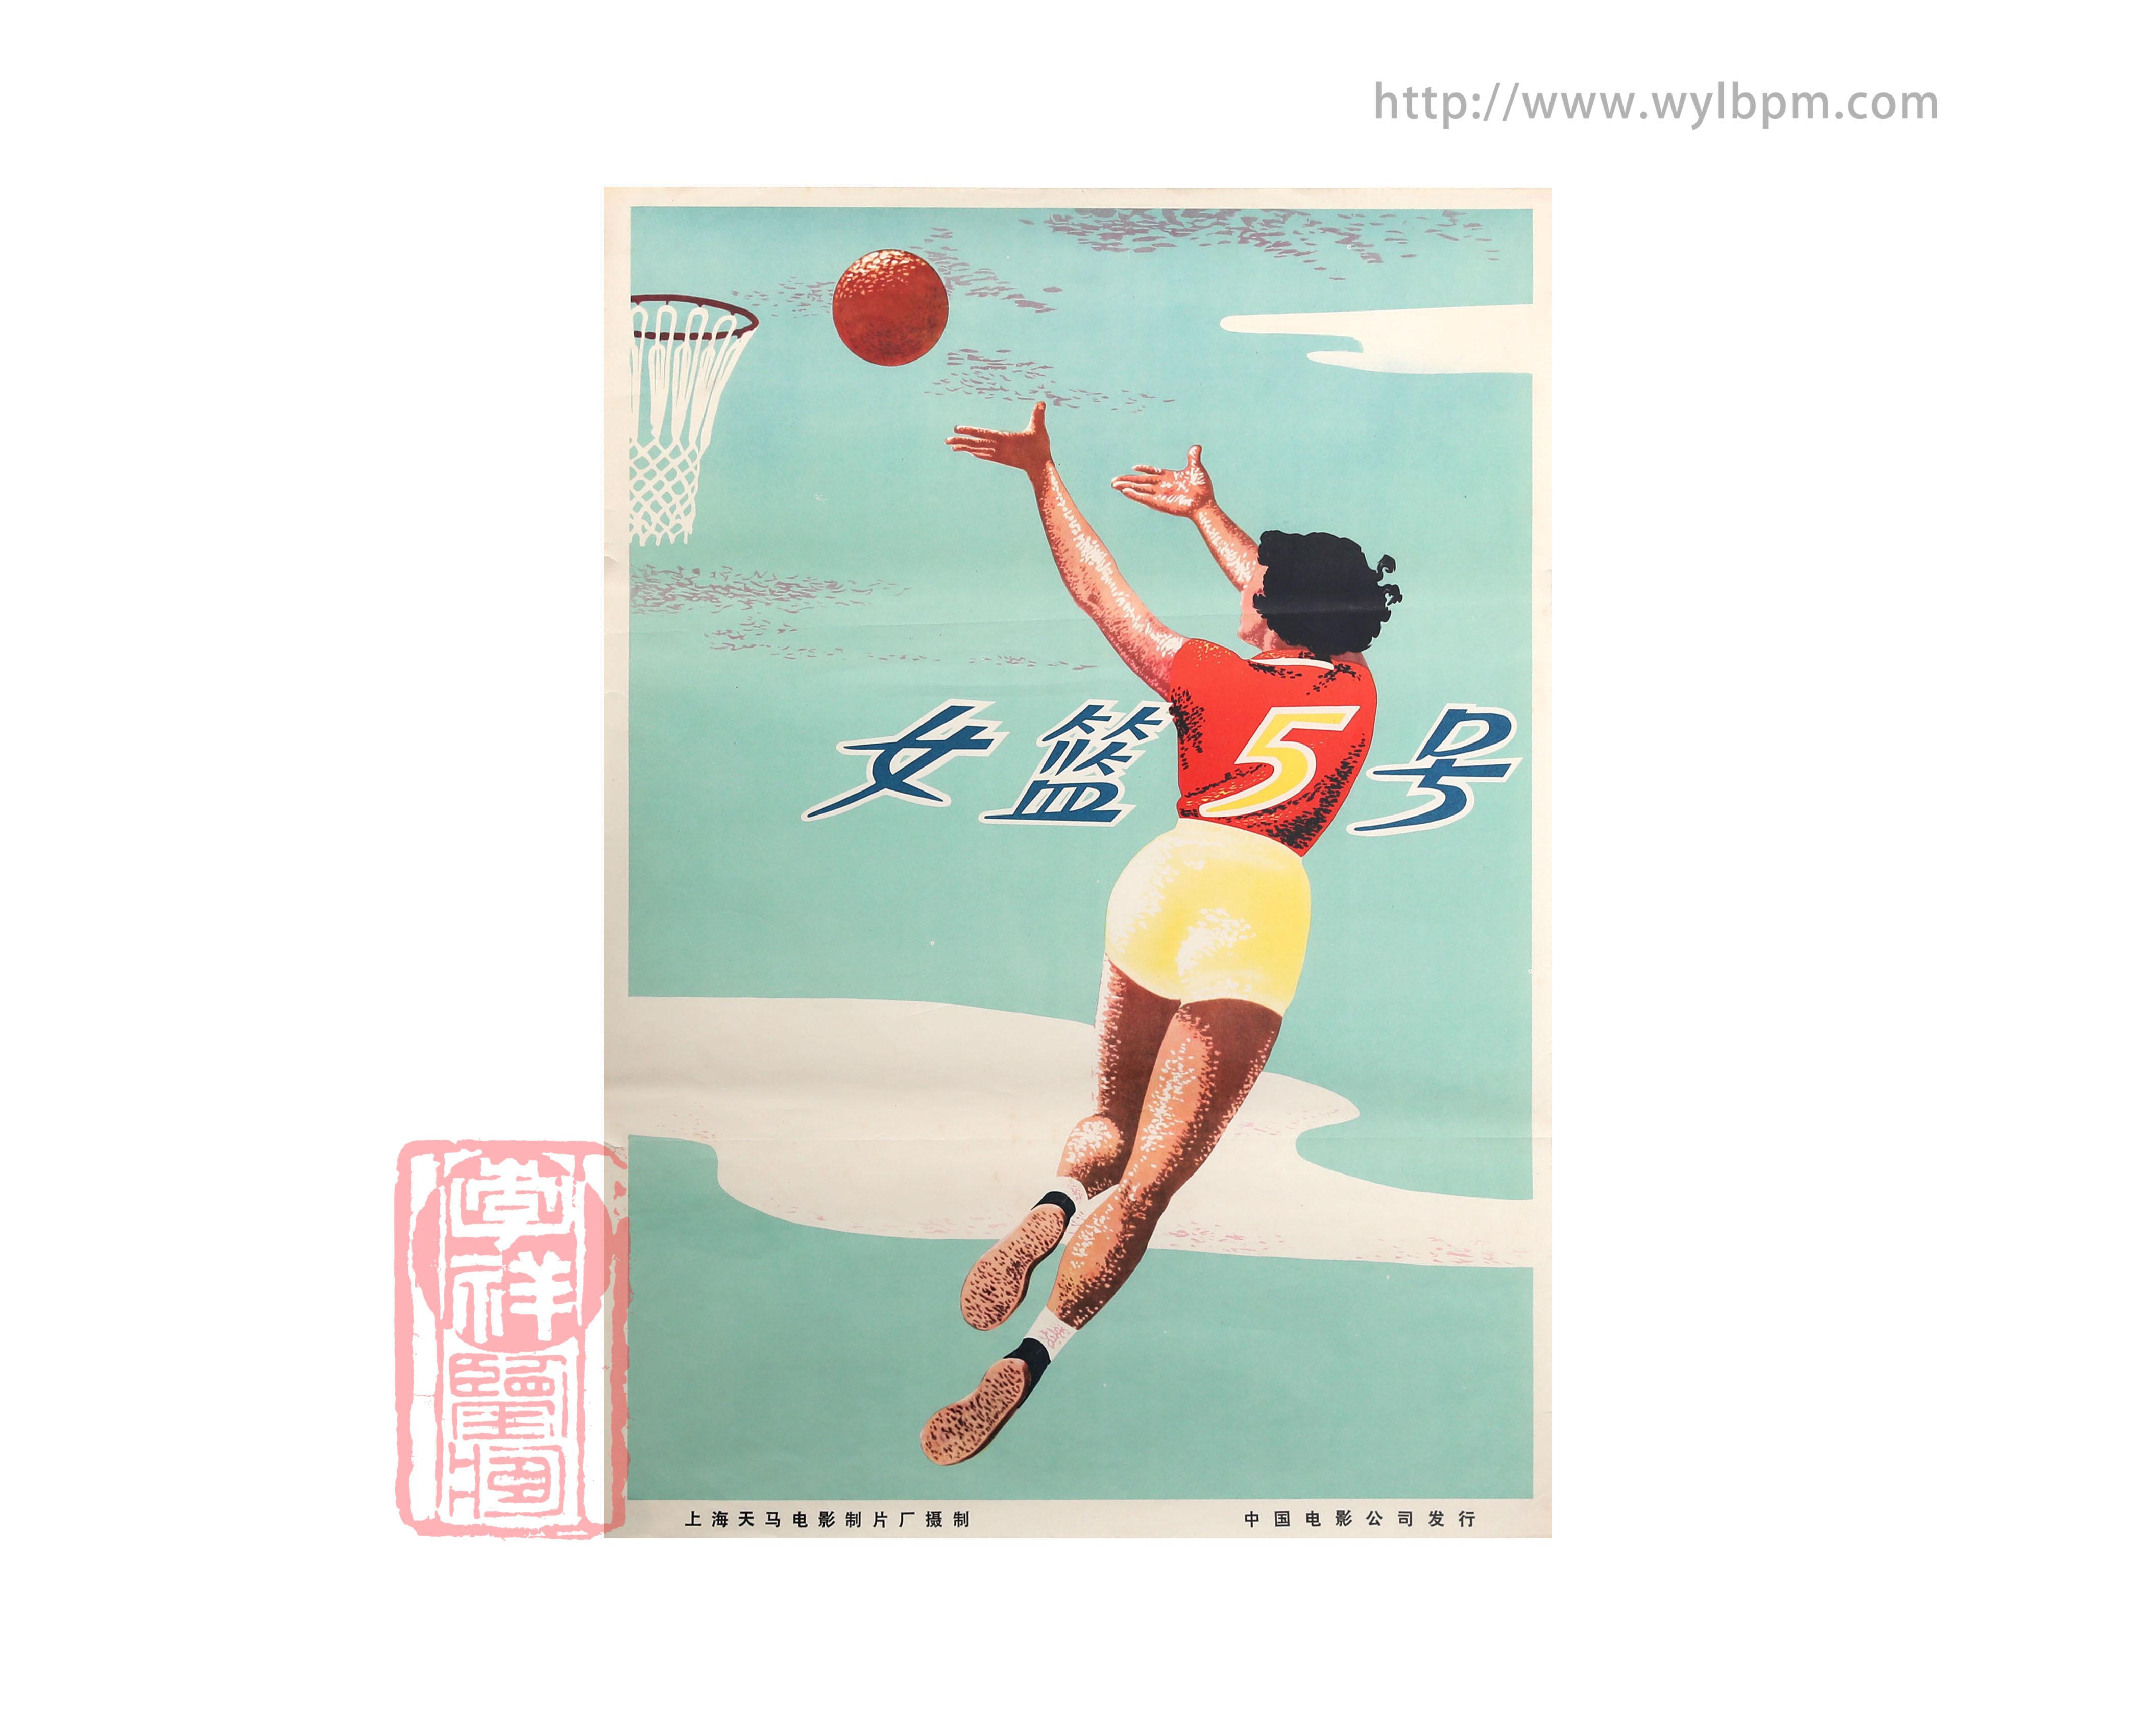 宣传画,收藏李祥,体育收藏,奥运收藏,冰雪收藏,体育博物馆,奥运会火炬,奥运会奖牌,民国体育,古代体育,体育老照片,体育资料